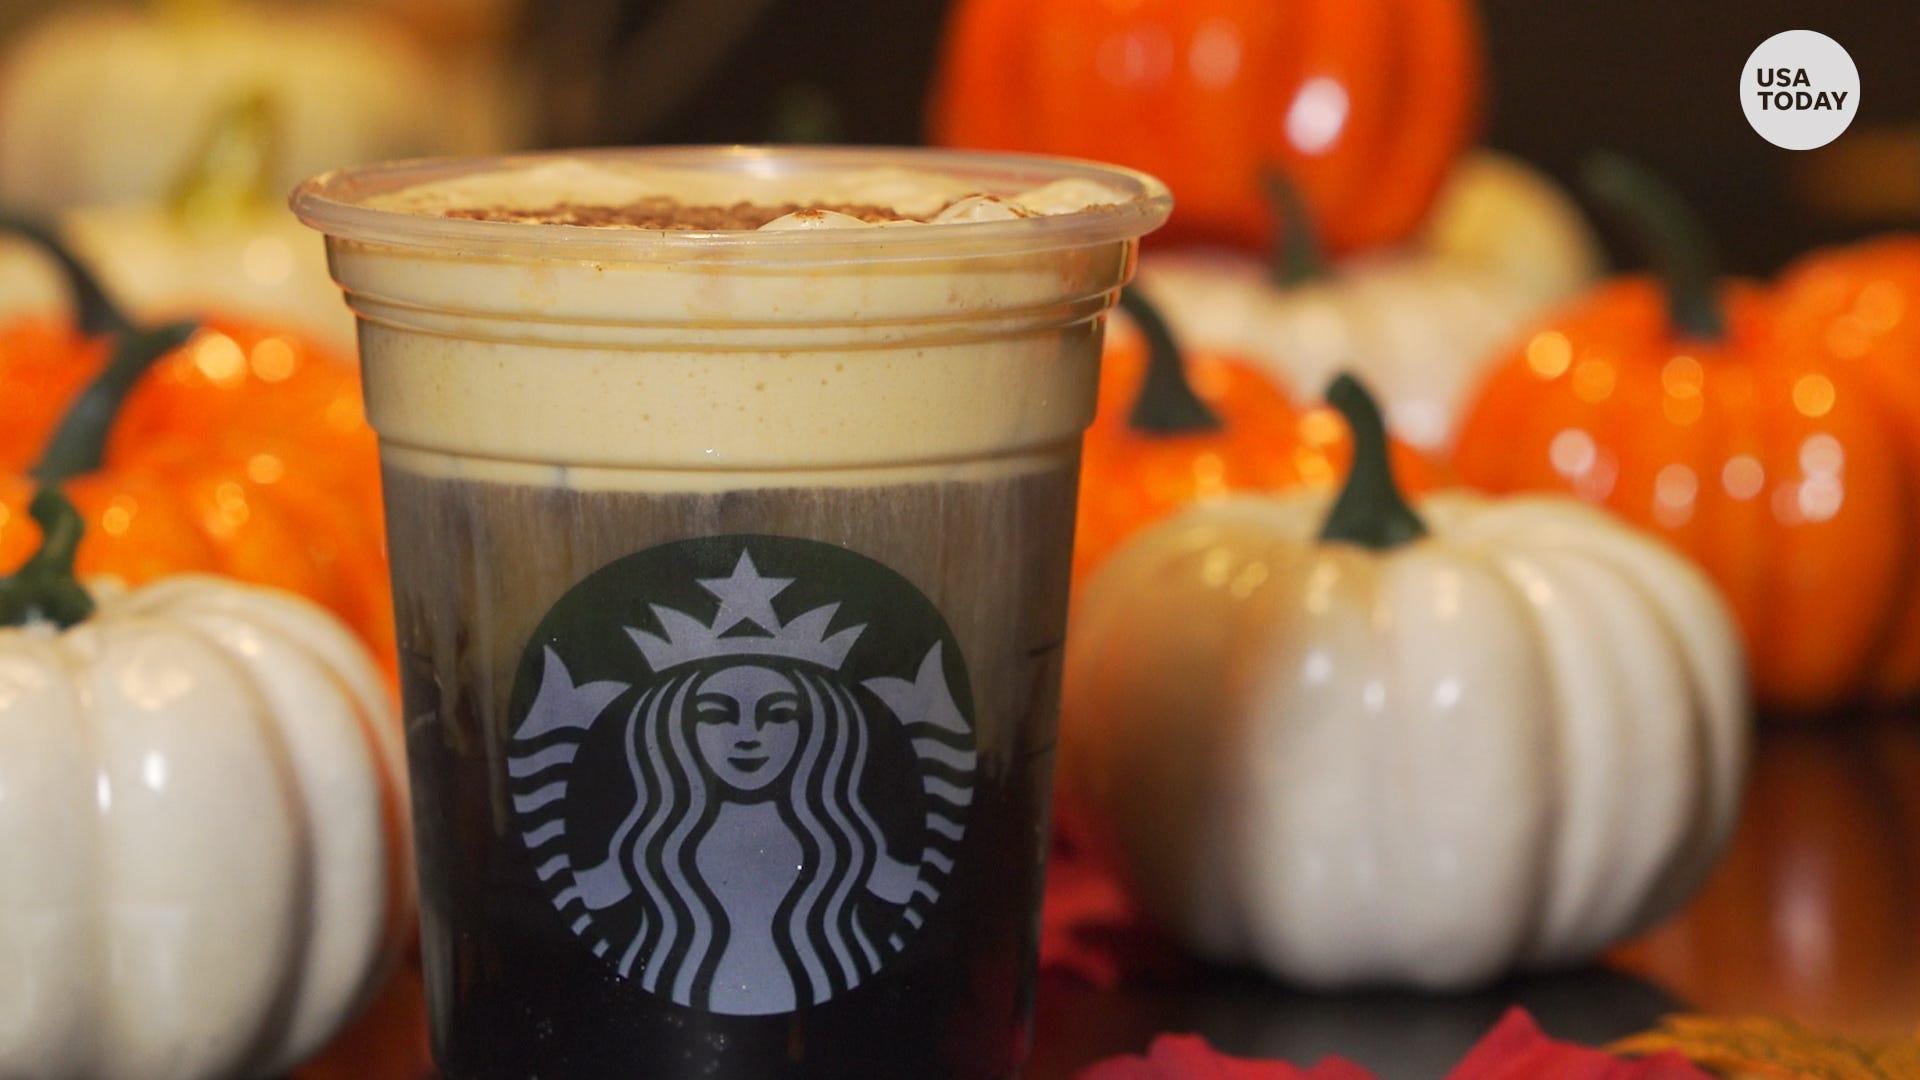 Starbucks Pumpkin Cream Cold Brew Could Rival Pumpkin Spice